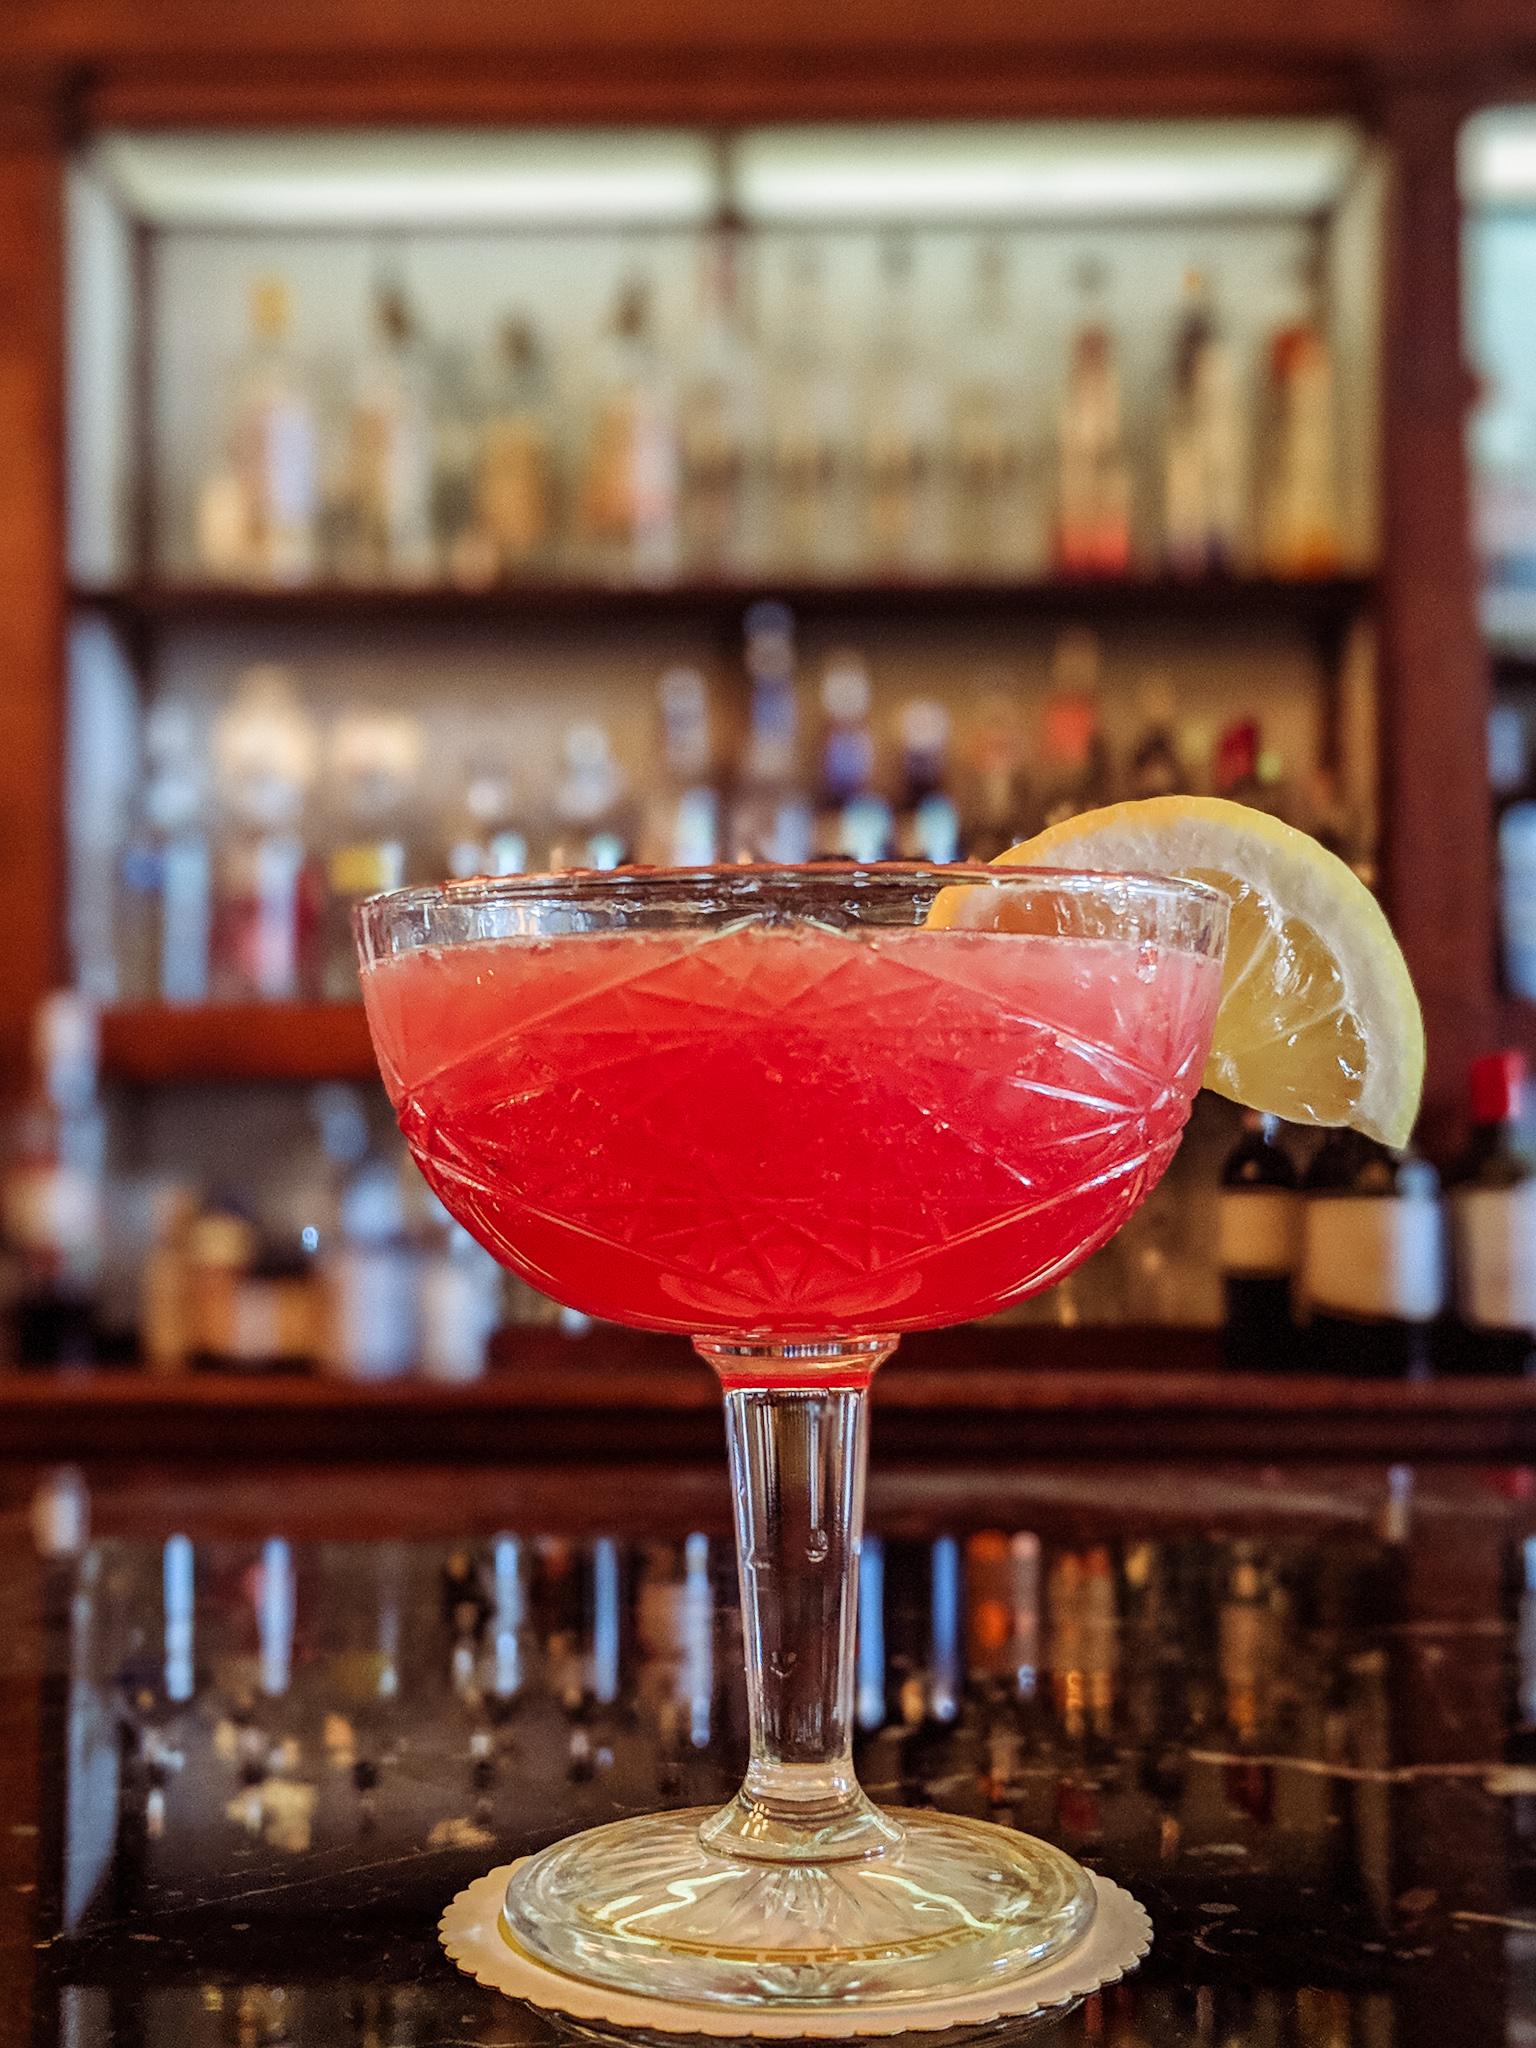 Copy of Pomegranate limoncello martini